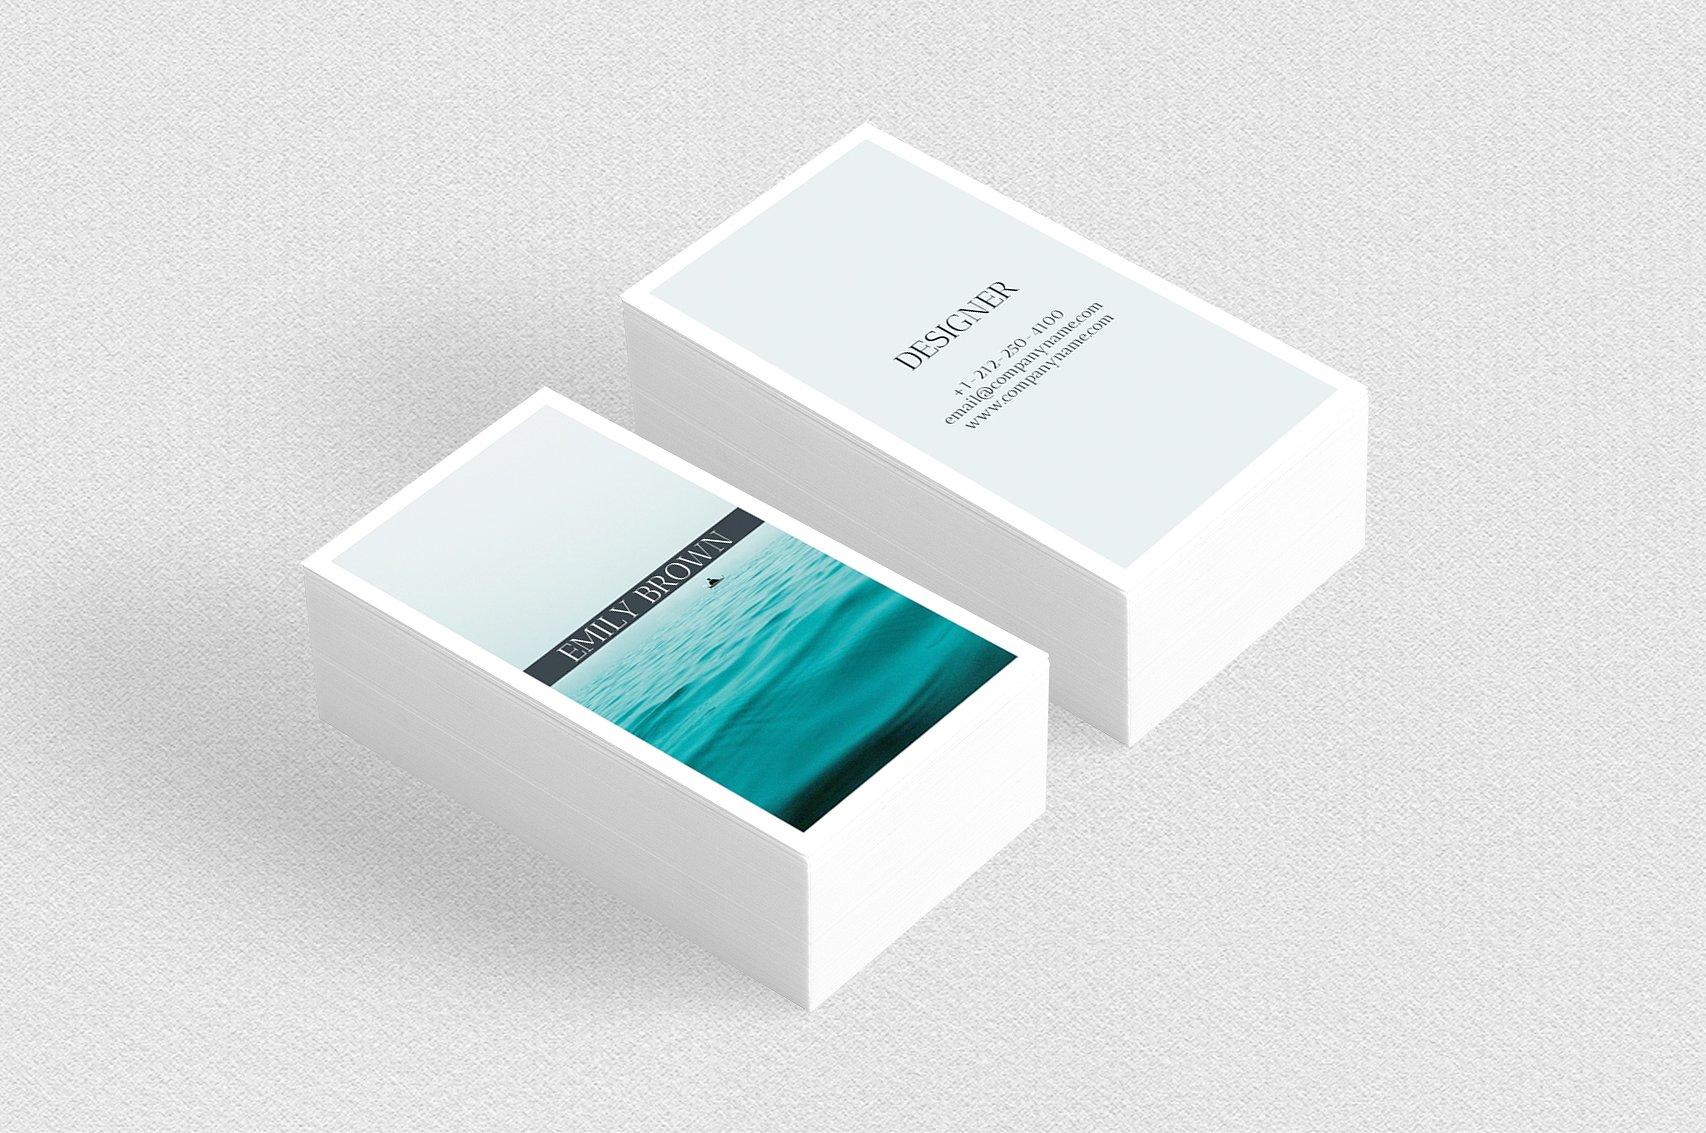 Biglietto da visita verticale minimale con immagine